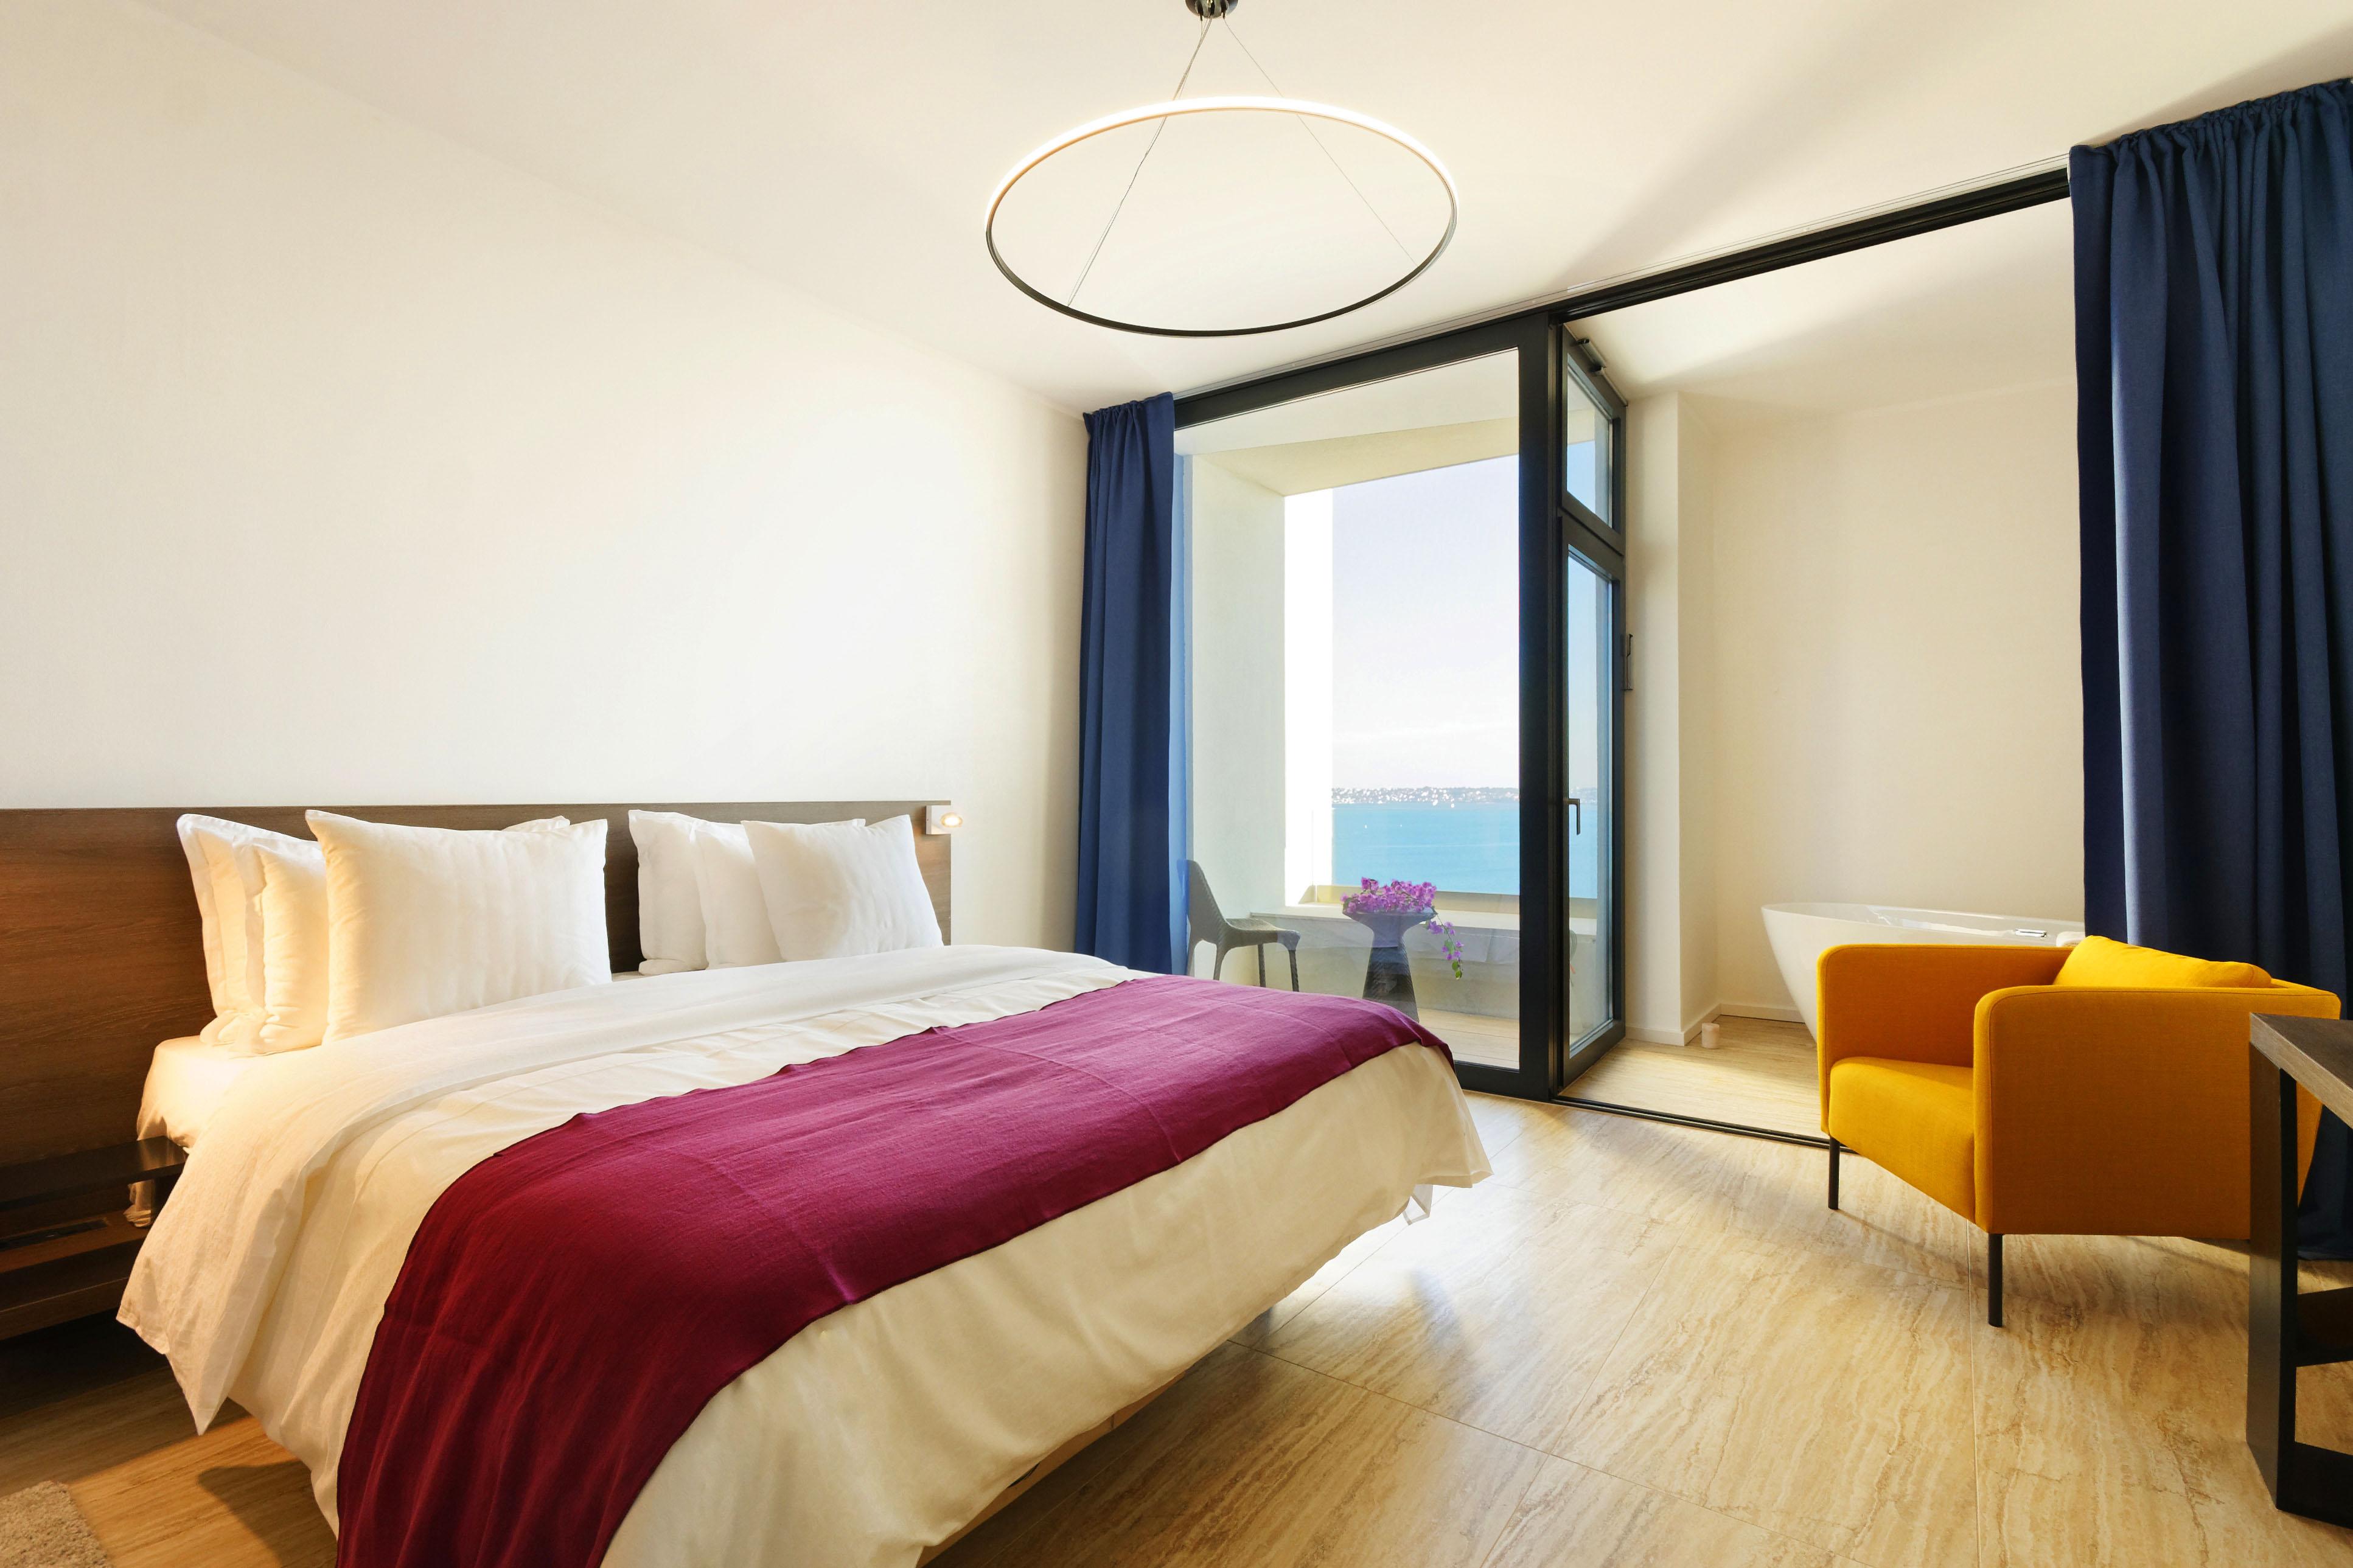 Standard-room-hotel-ola